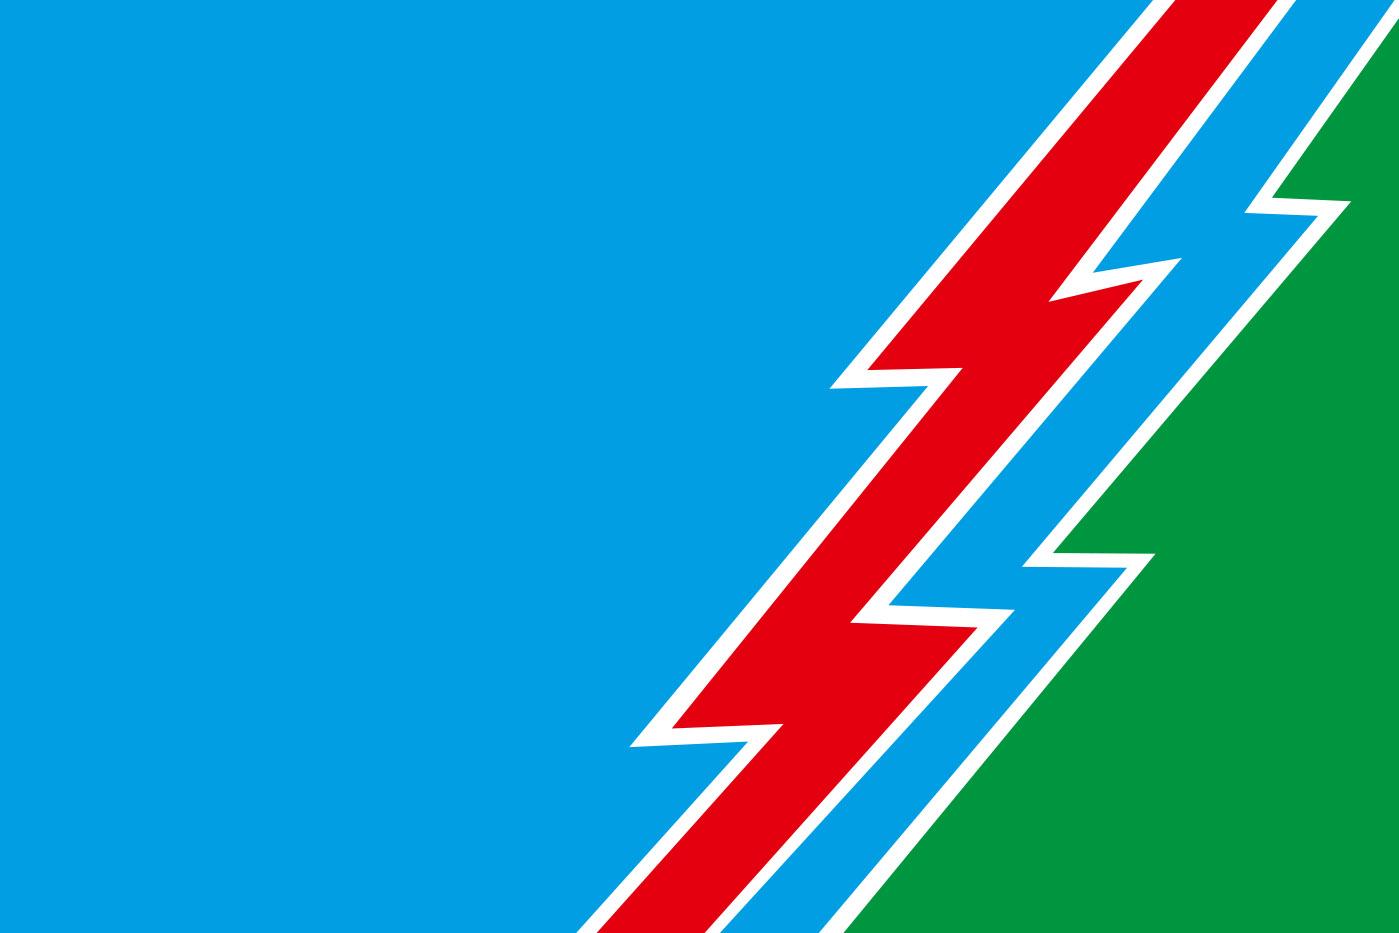 Флаг Усть-Илимска